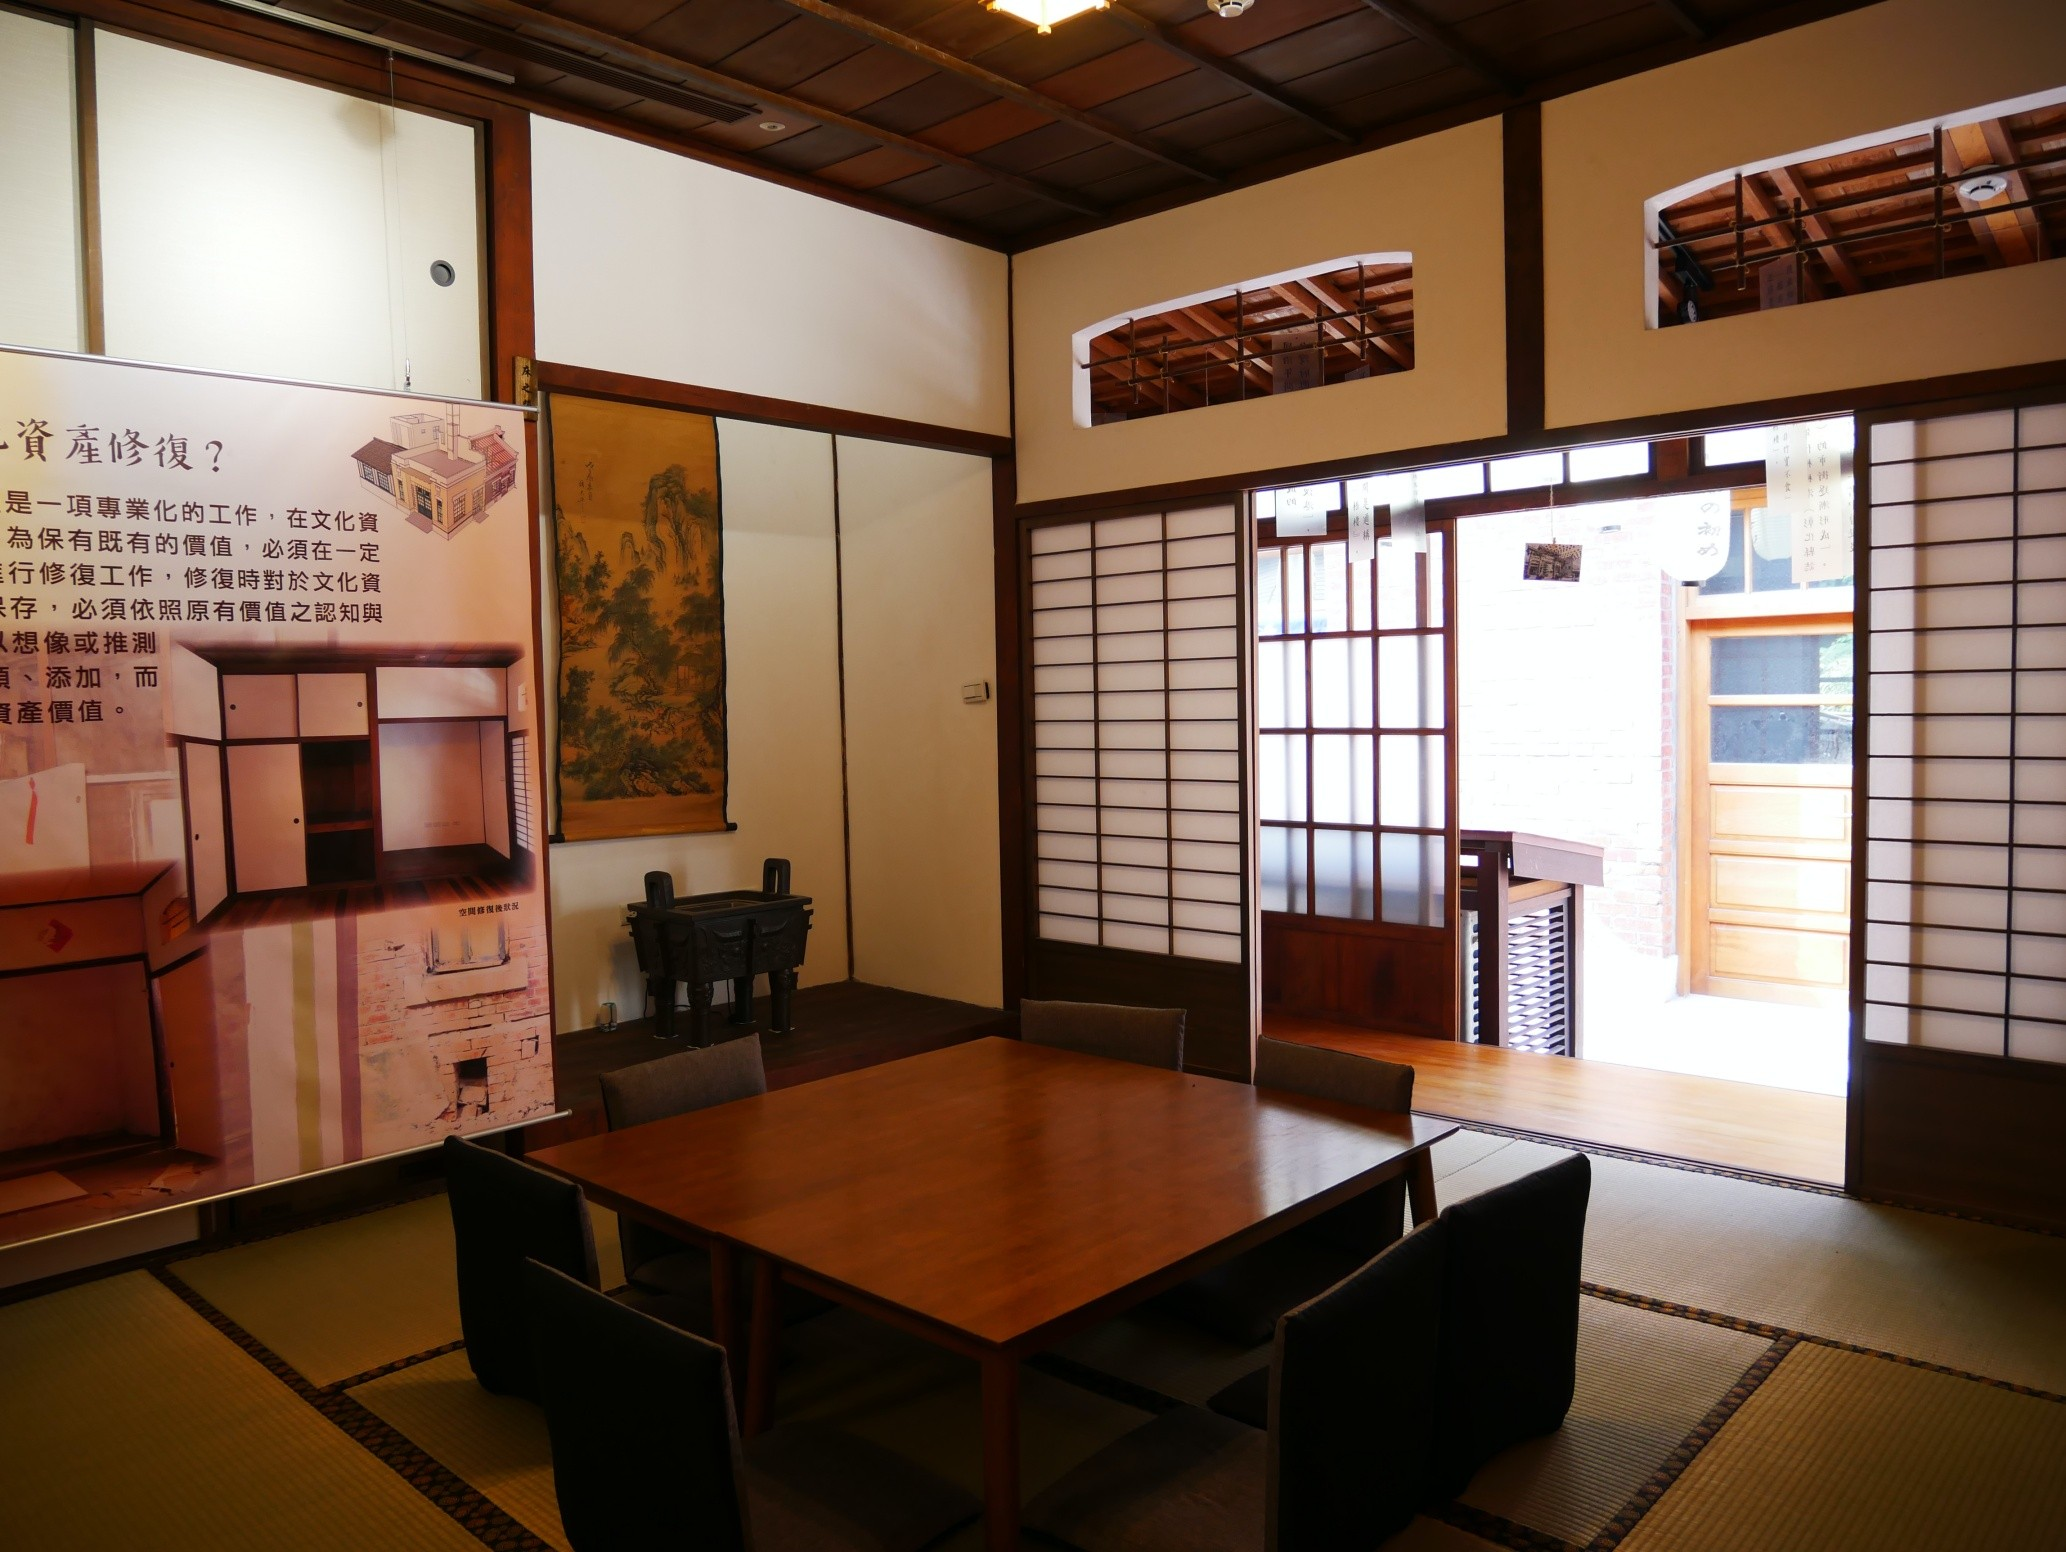 台中親子景點》梧棲文化出張所~台中海線懷舊日式建築新開幕,展覽、市集、繪本活動通通免門票~ - yukiblog.tw